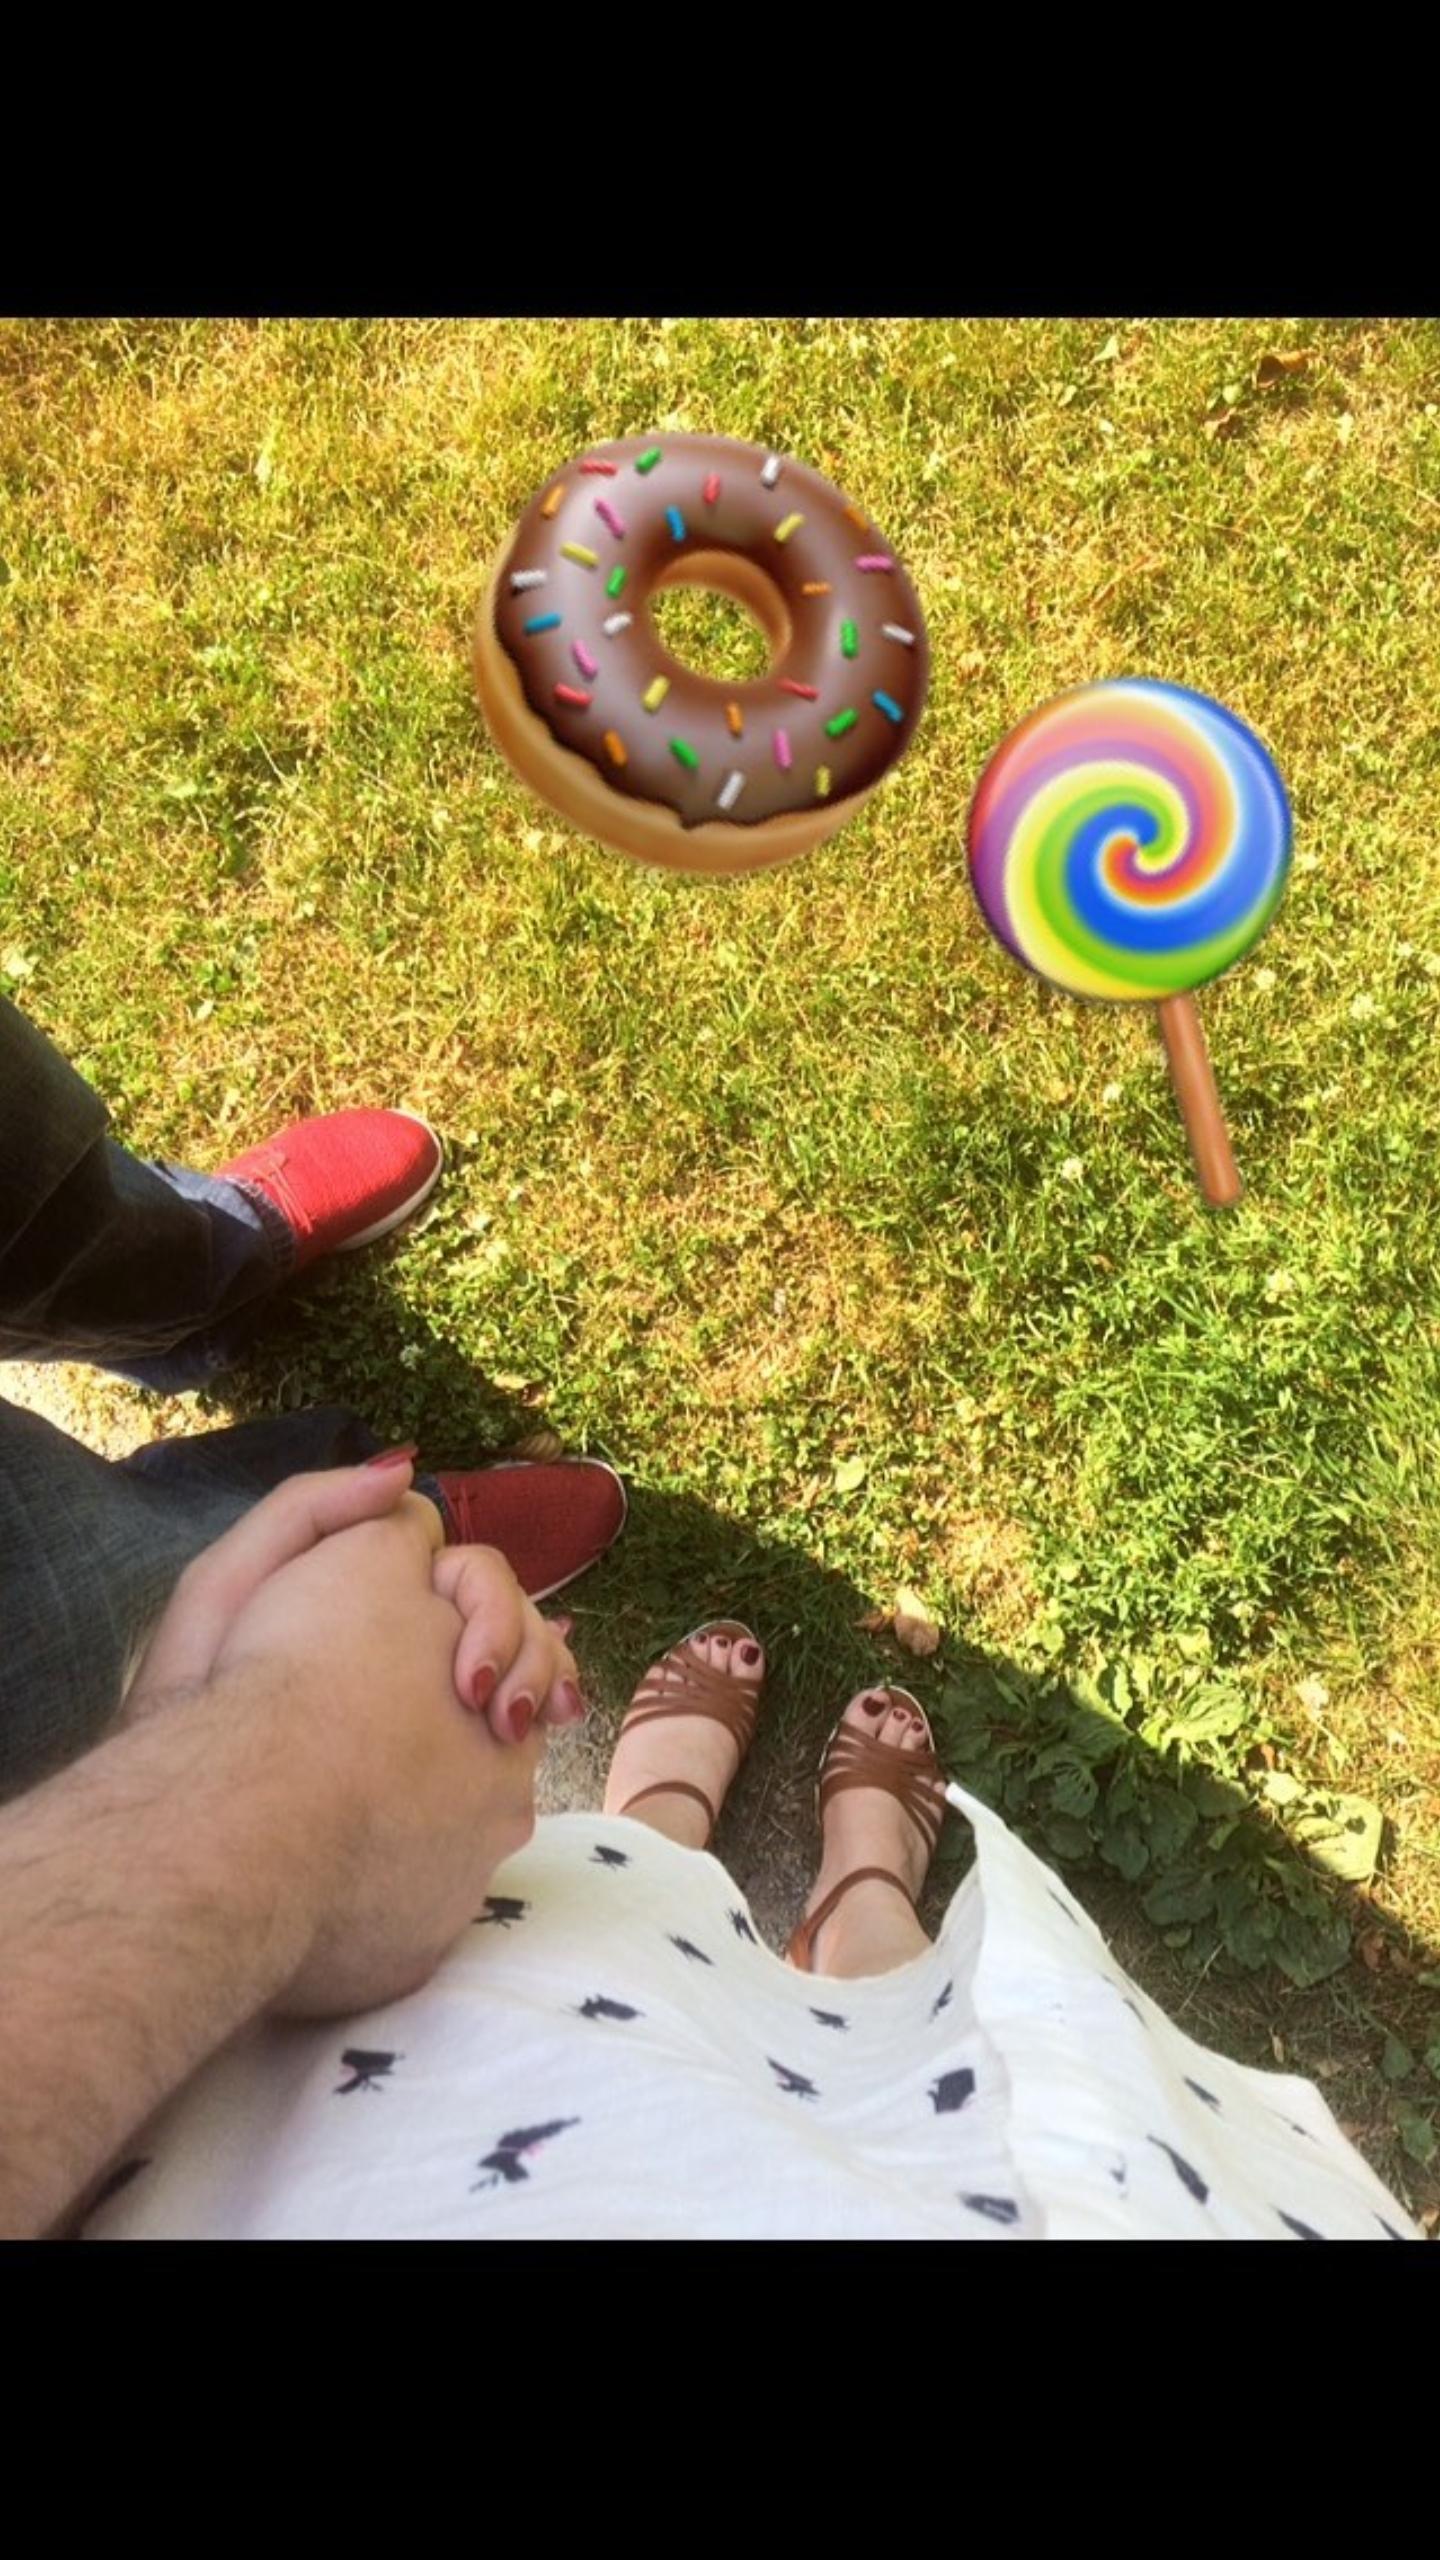 Füße pandorya Lana Rhoades